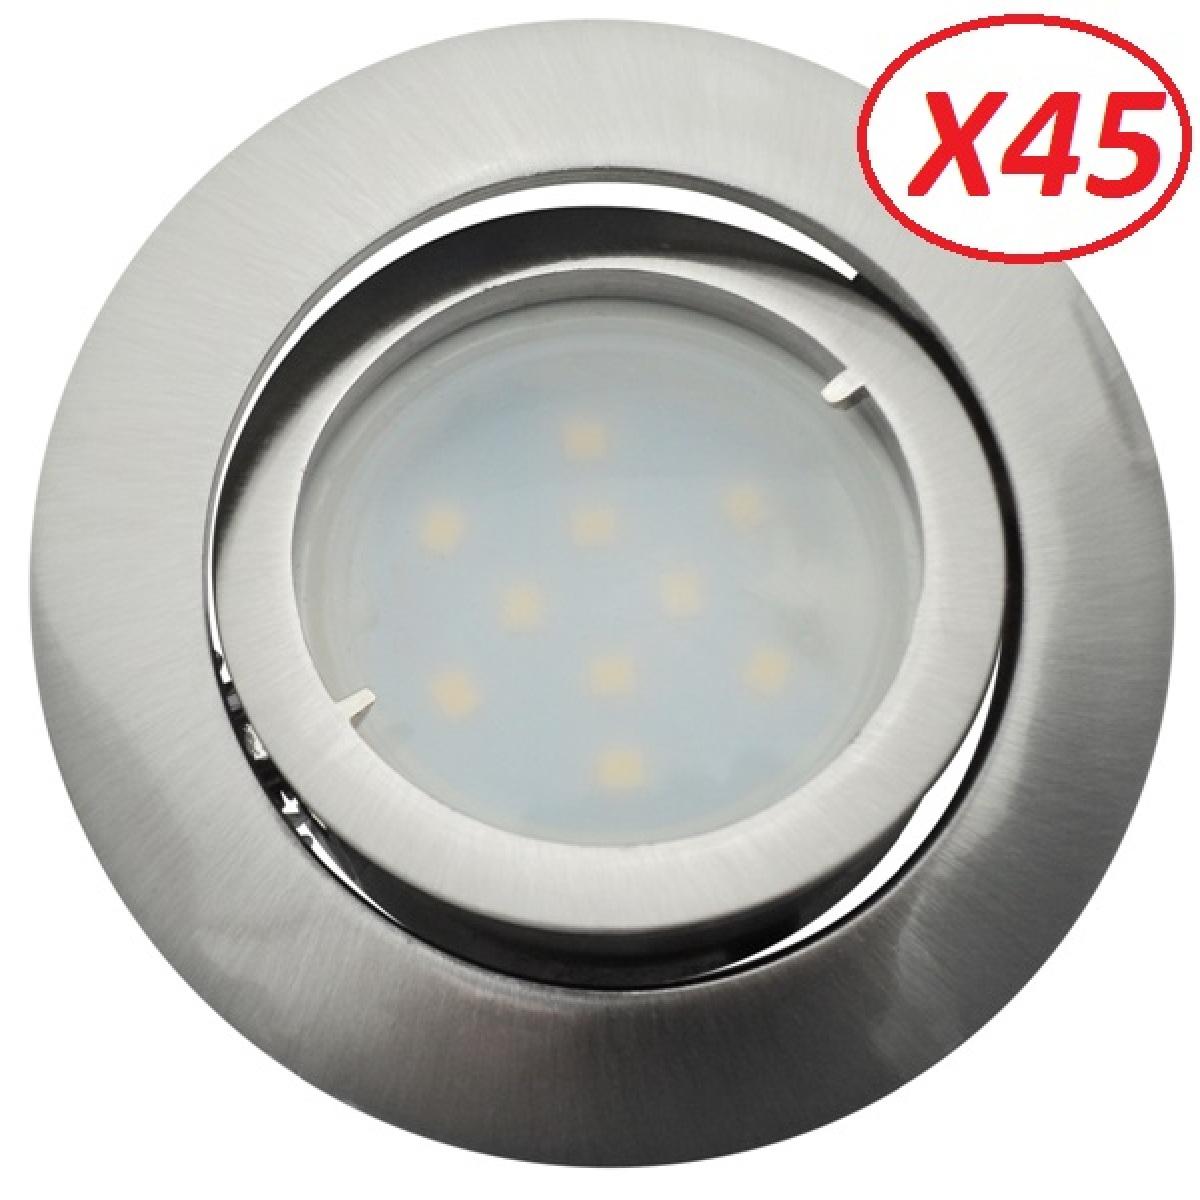 Eurobryte Lot de 45 Spot Led Encastrable Complete Satin Orientable lumière Blanc Chaud eq. 50W ref.209